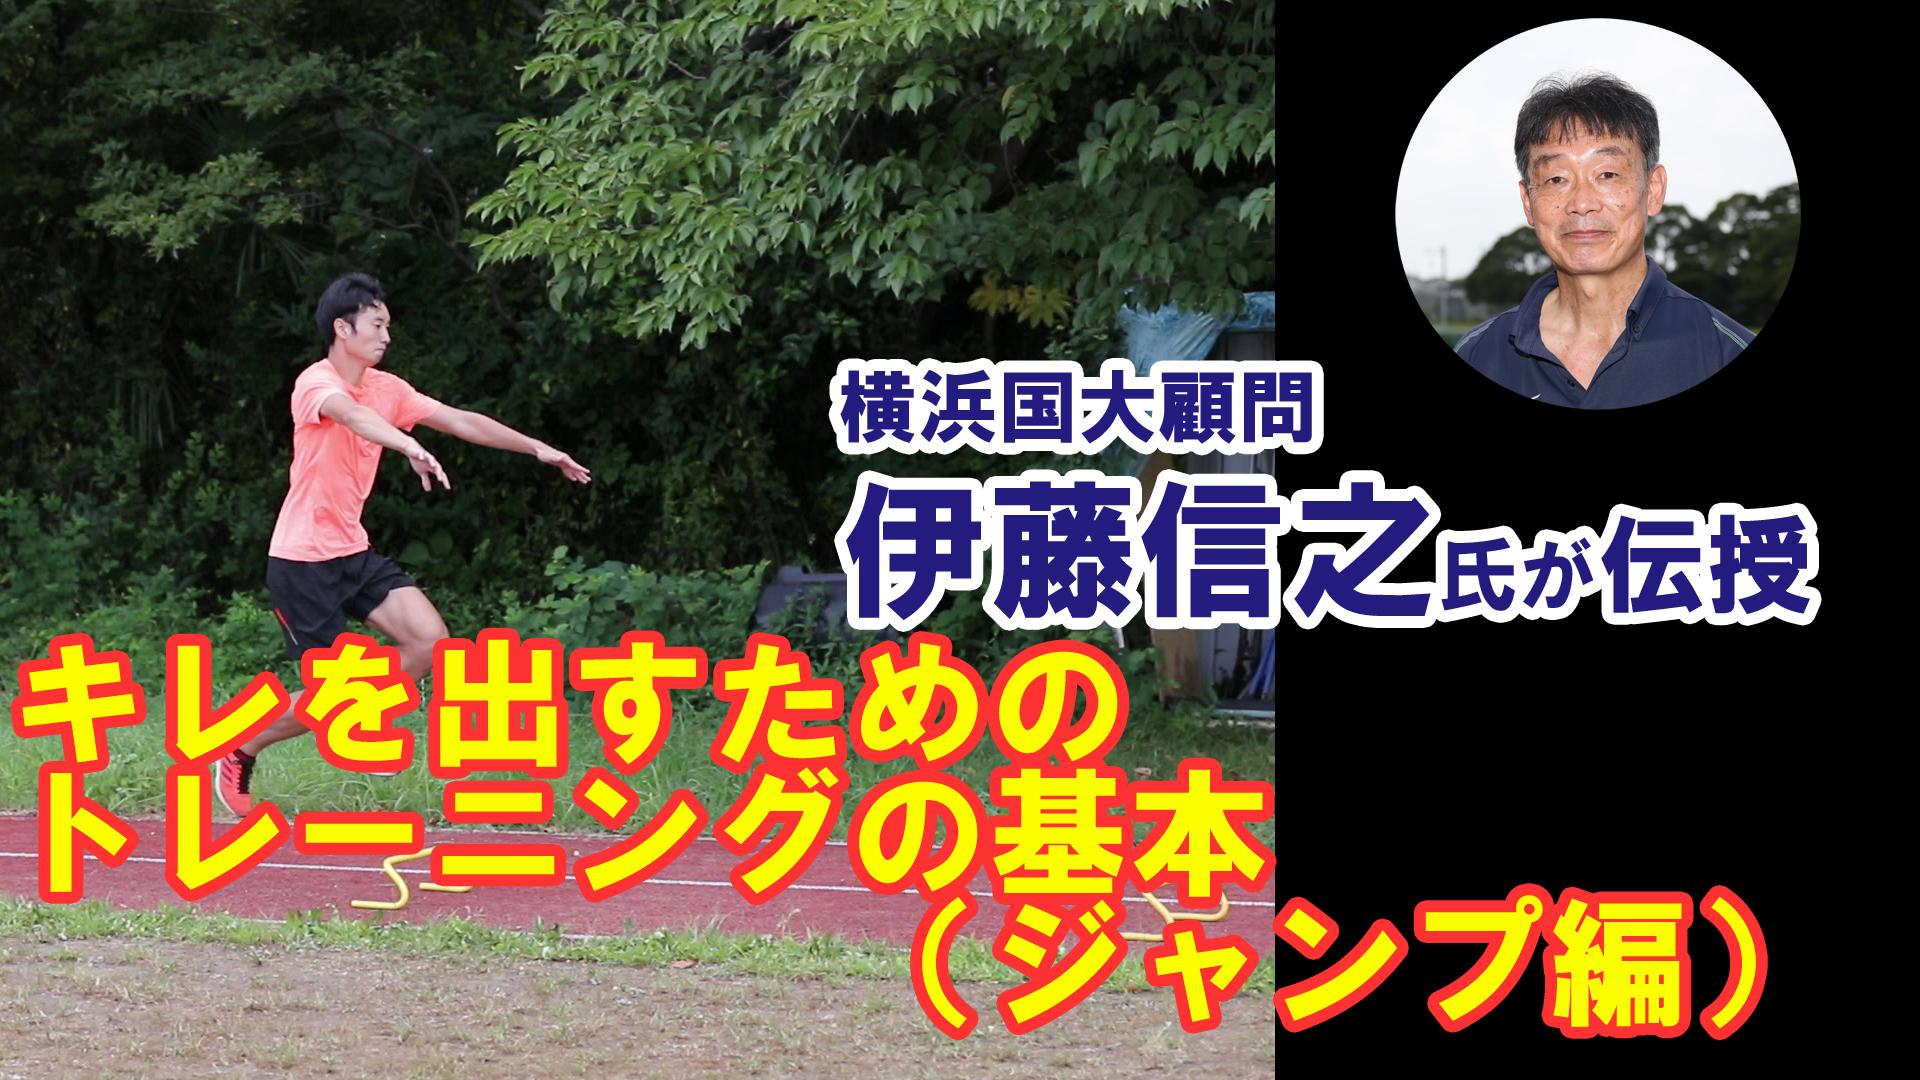 【トレーニング】秋はキレで勝負!トレーニングの基本ジャンプ編/横浜国大・伊藤信之顧問